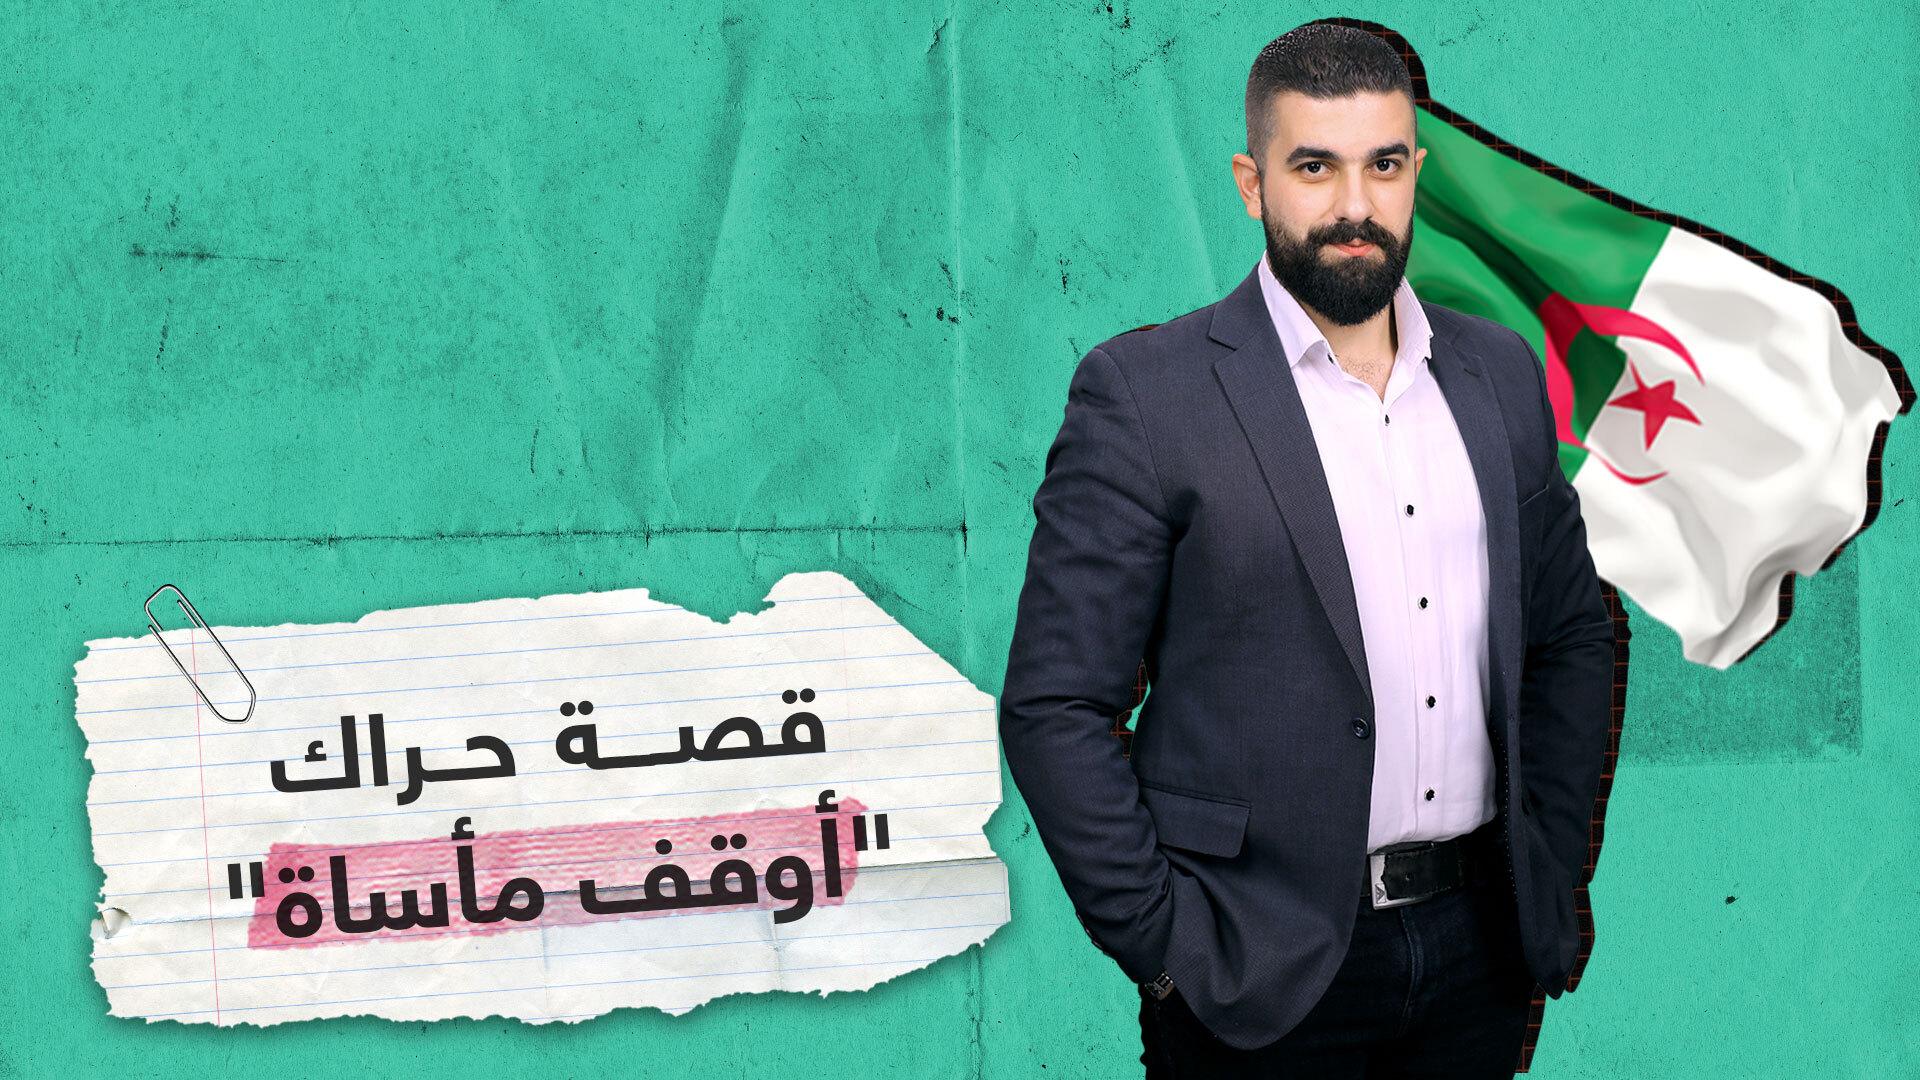 """قصة حراك مستمر.. """"يتنحاو قاع"""" ما يزال  يصدح في شوارع الجزائر"""